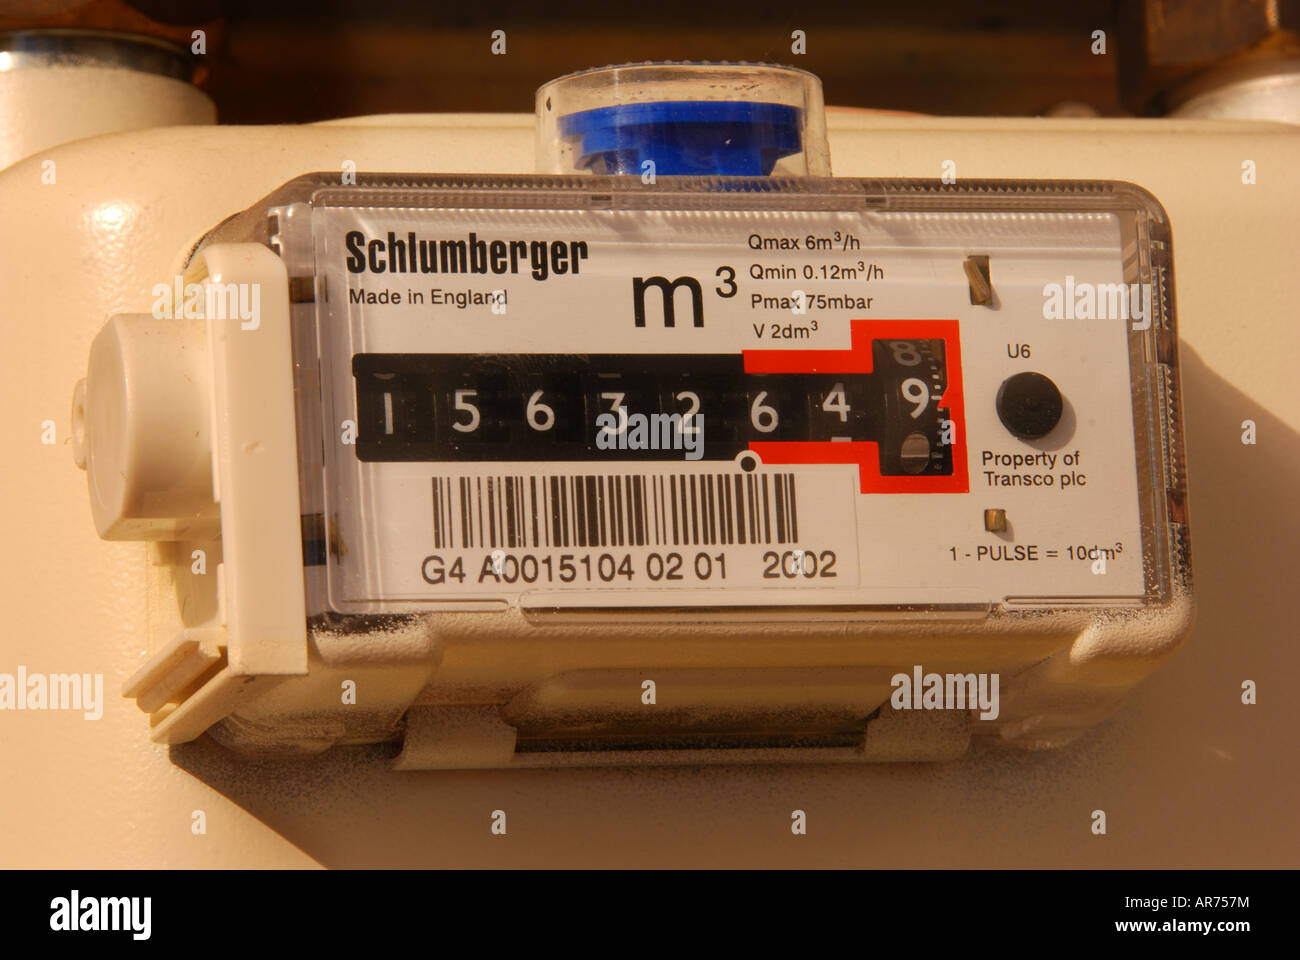 Gas meter showing gas usage in cubic metres - Stock Image